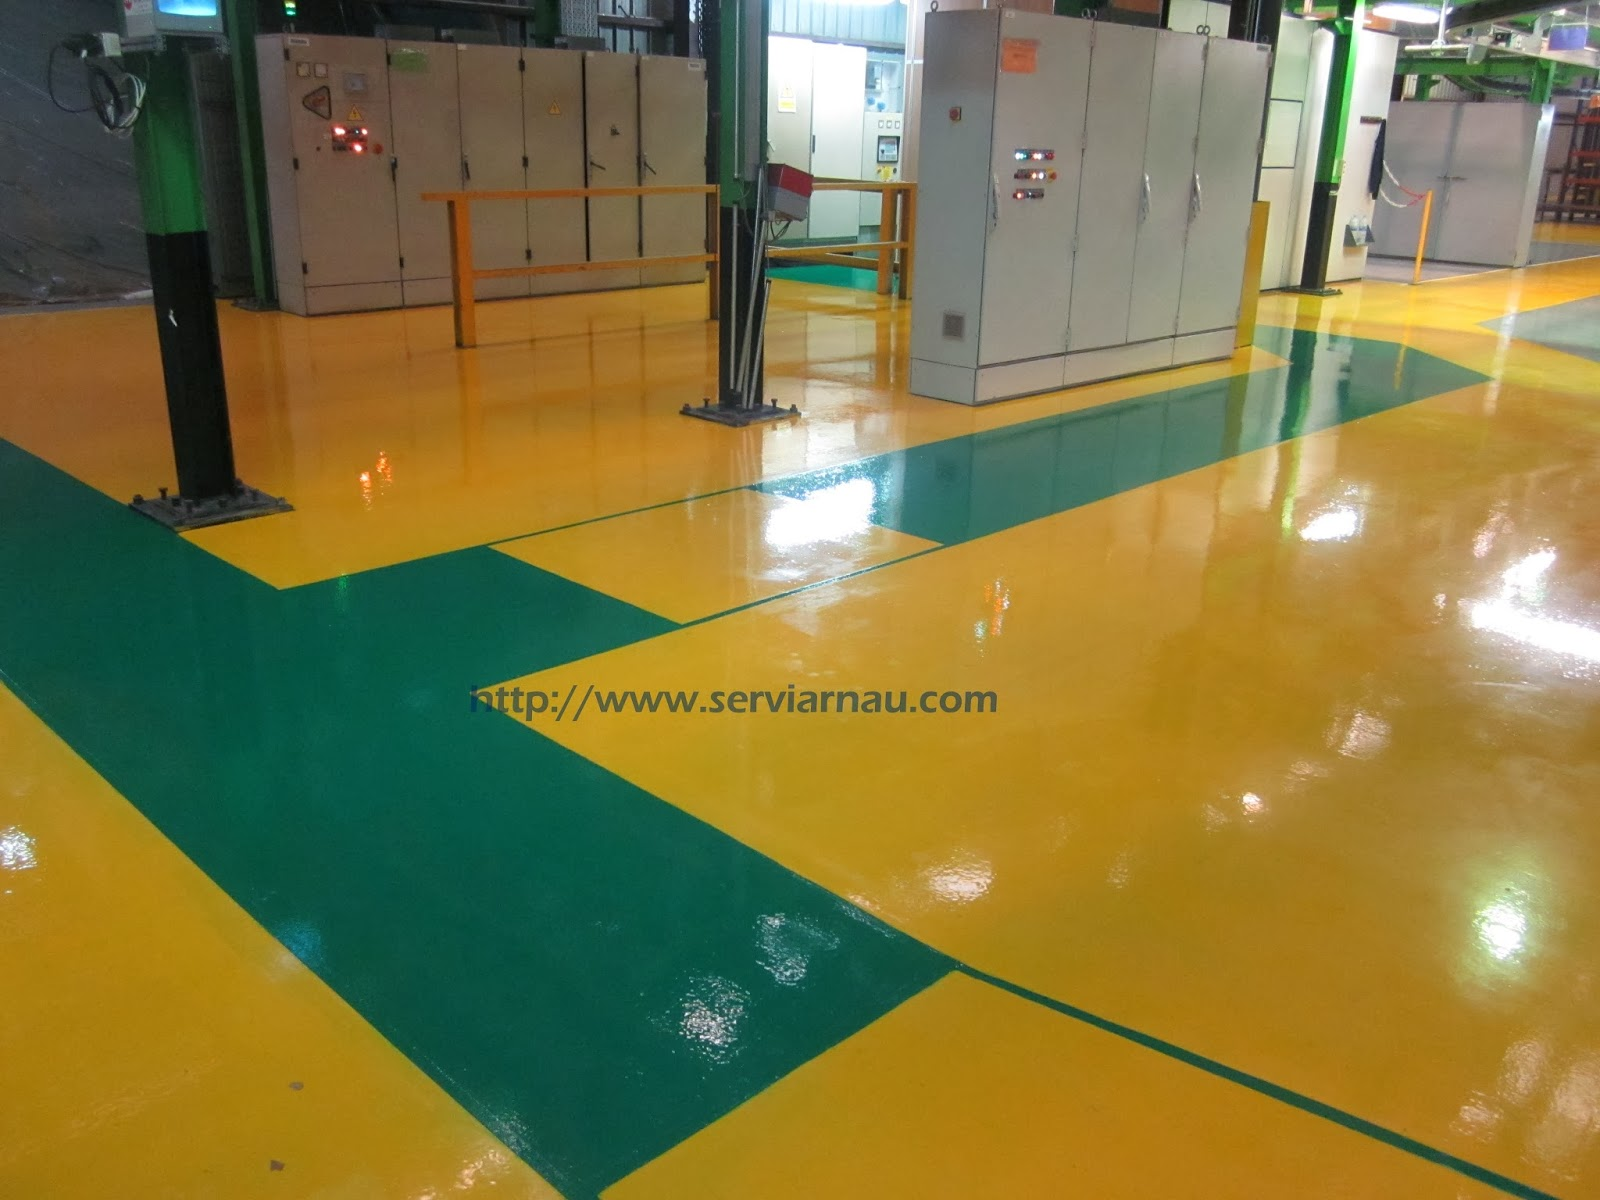 Pintura de suelos valencia pintura para suelos en - Pintura de suelo ...